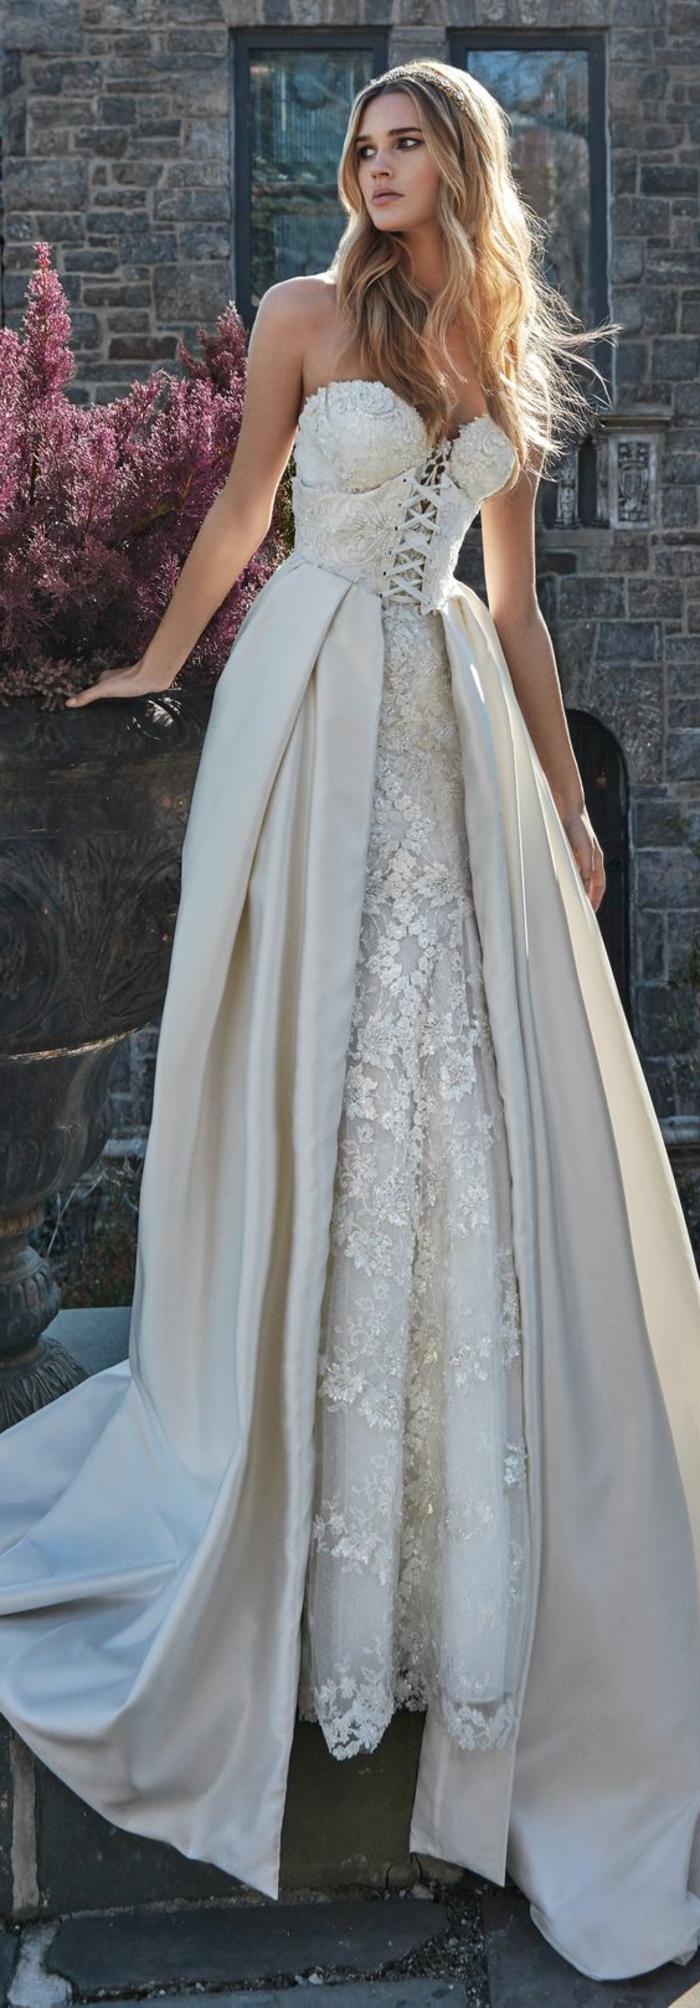 robe de mariée de couleur, robe bustier avec lacets, broderies au long de la partie basse